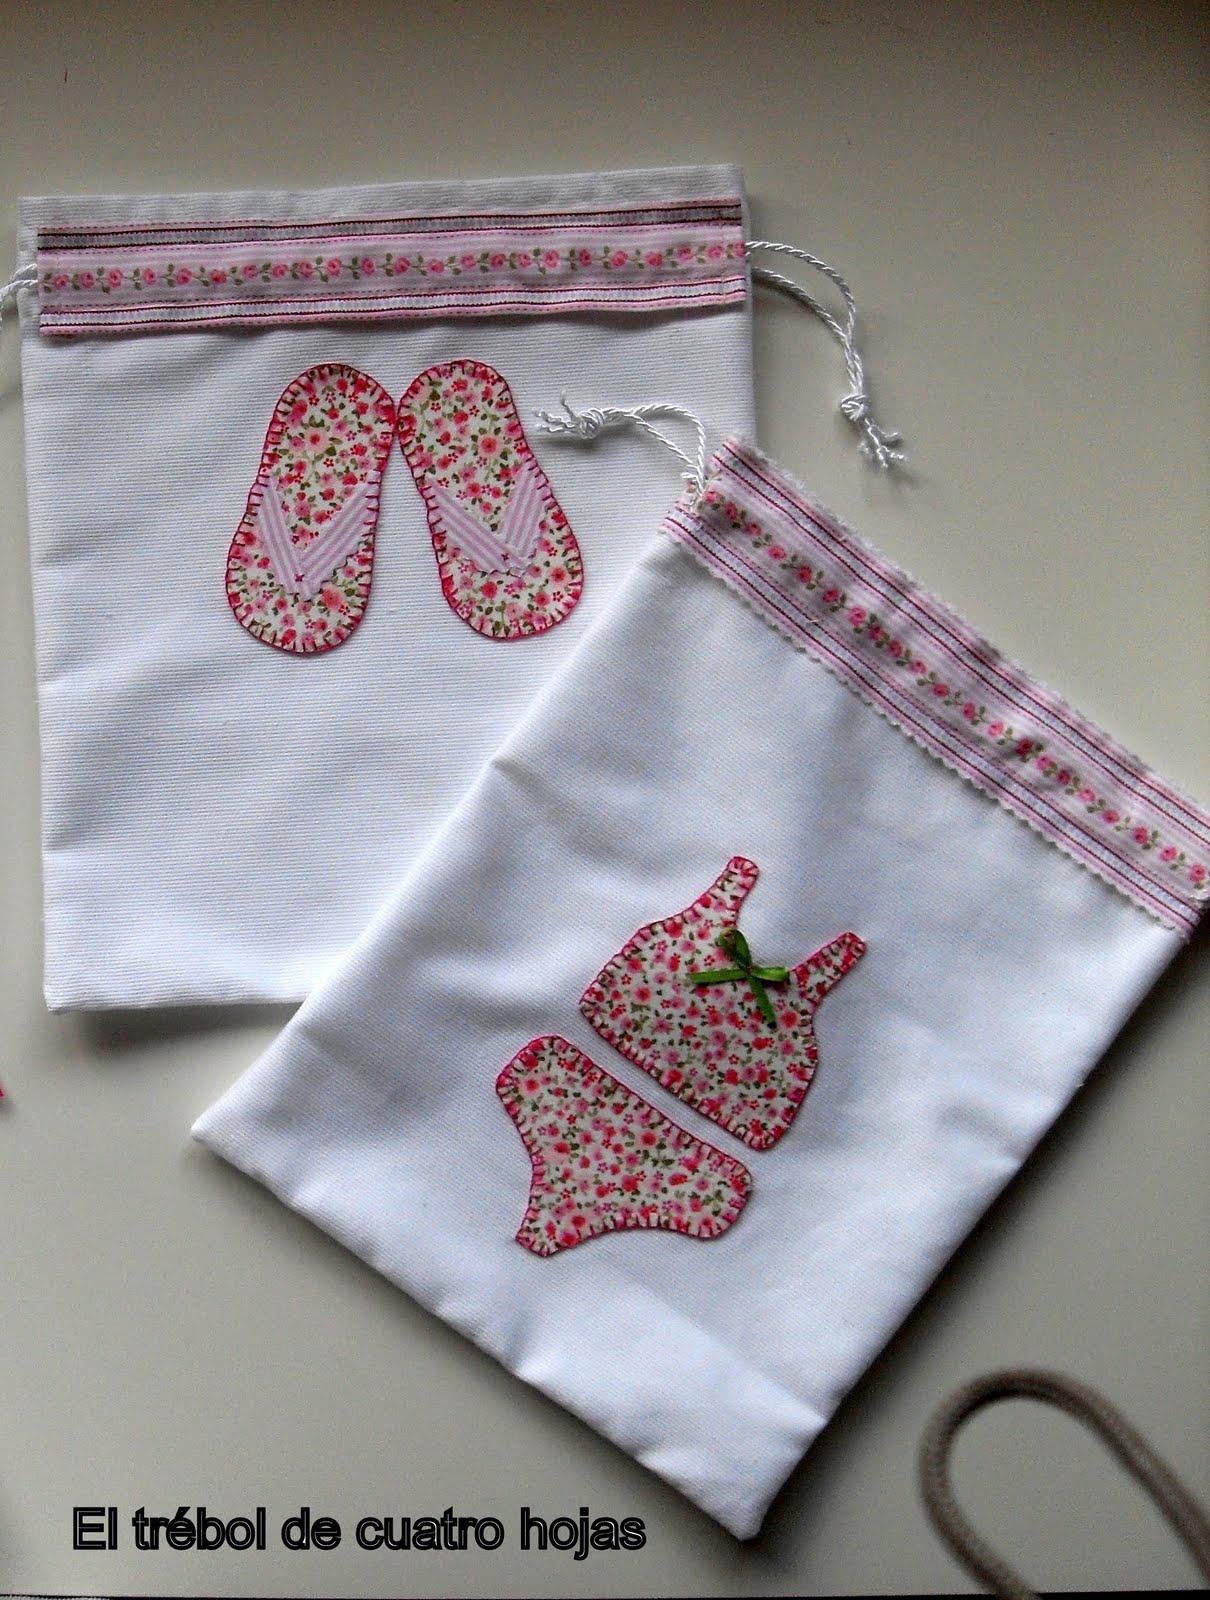 El tr bol de cuatro hojas bolsas para ropa interior y for Bolsas para ropa